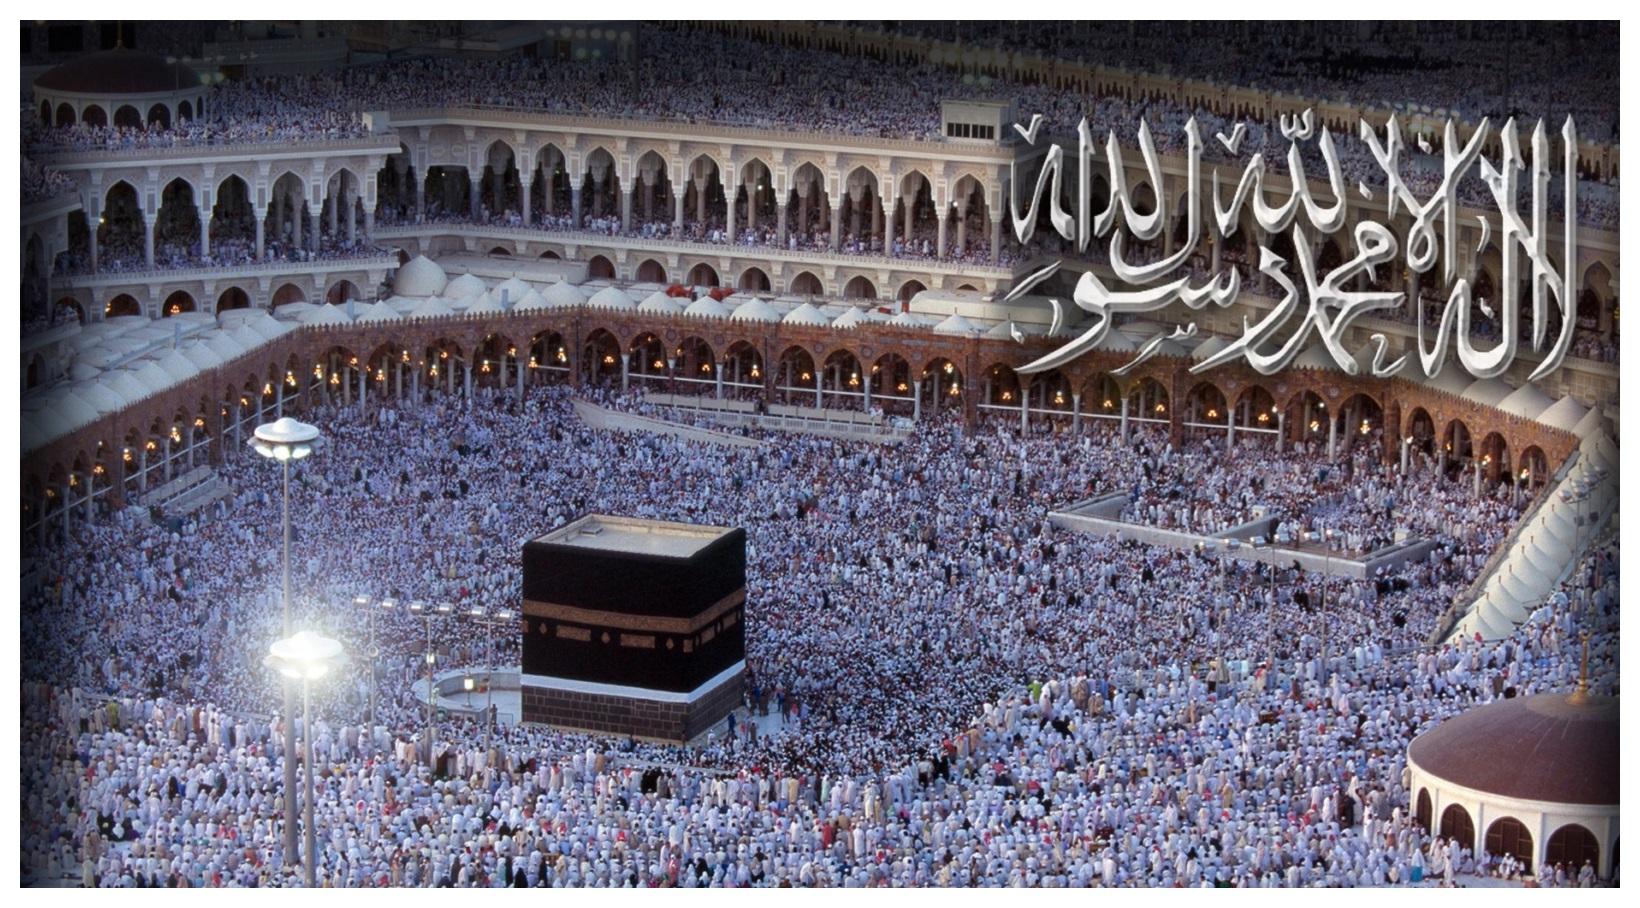 Allah Wallpaper Desktop 3d La Ilaha Illallah Muhammad Rasool Allah Hd Wallpapers Hd